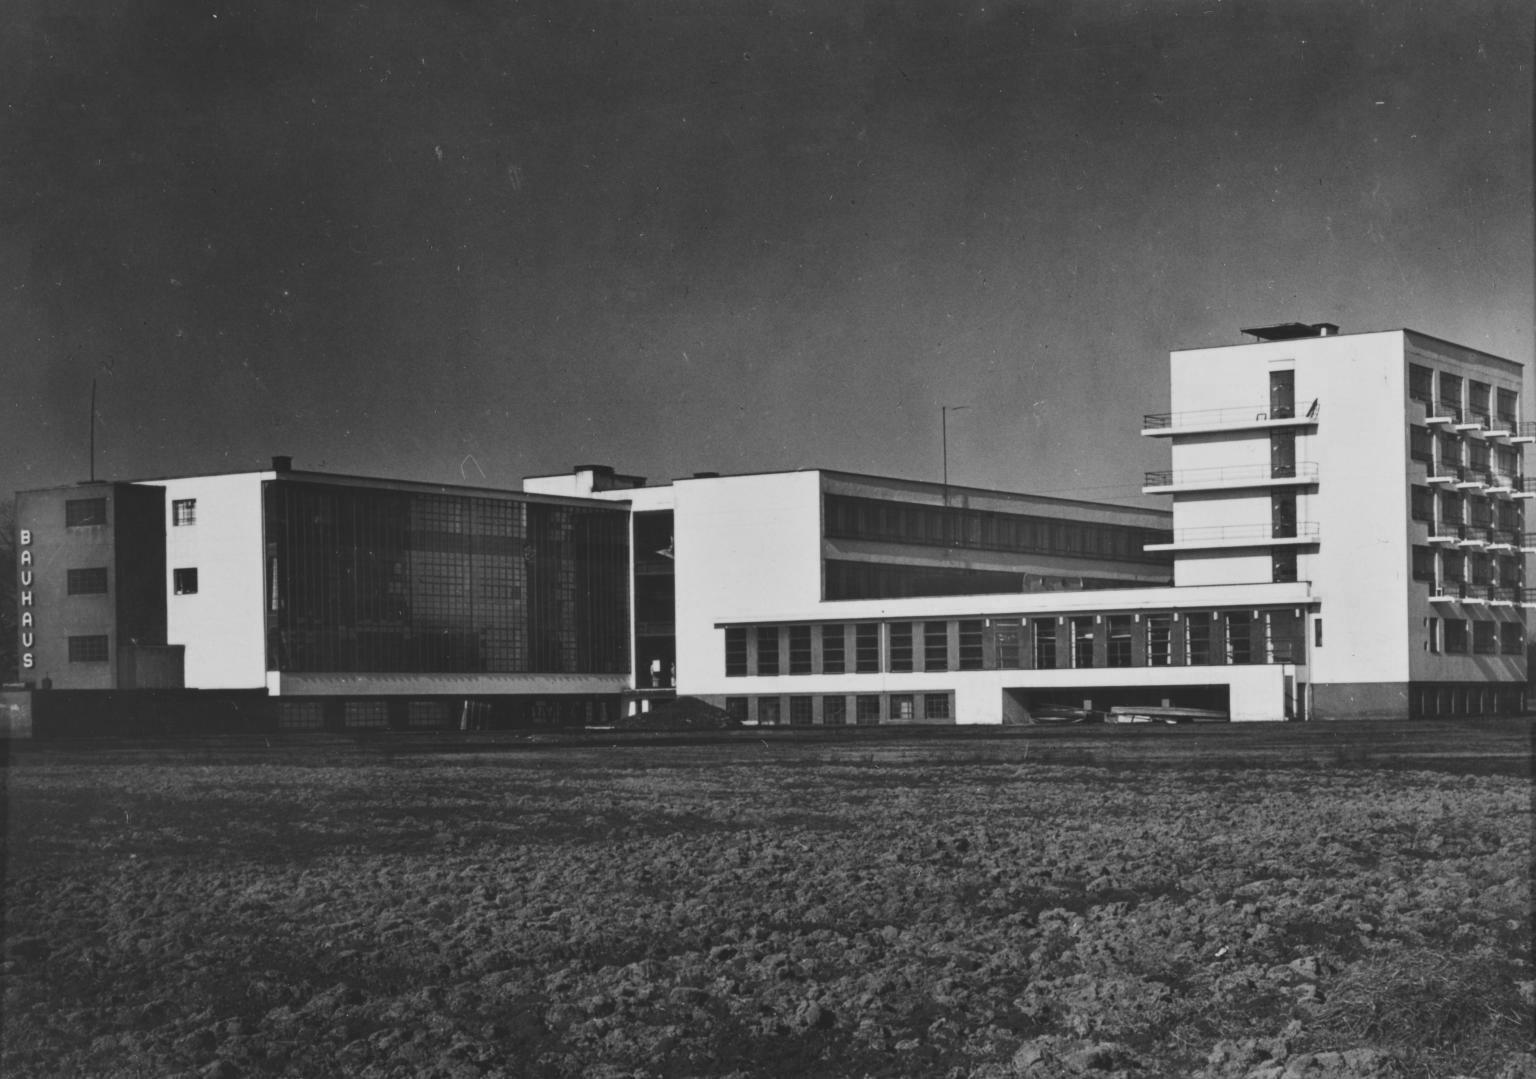 L'edificio di Dessau